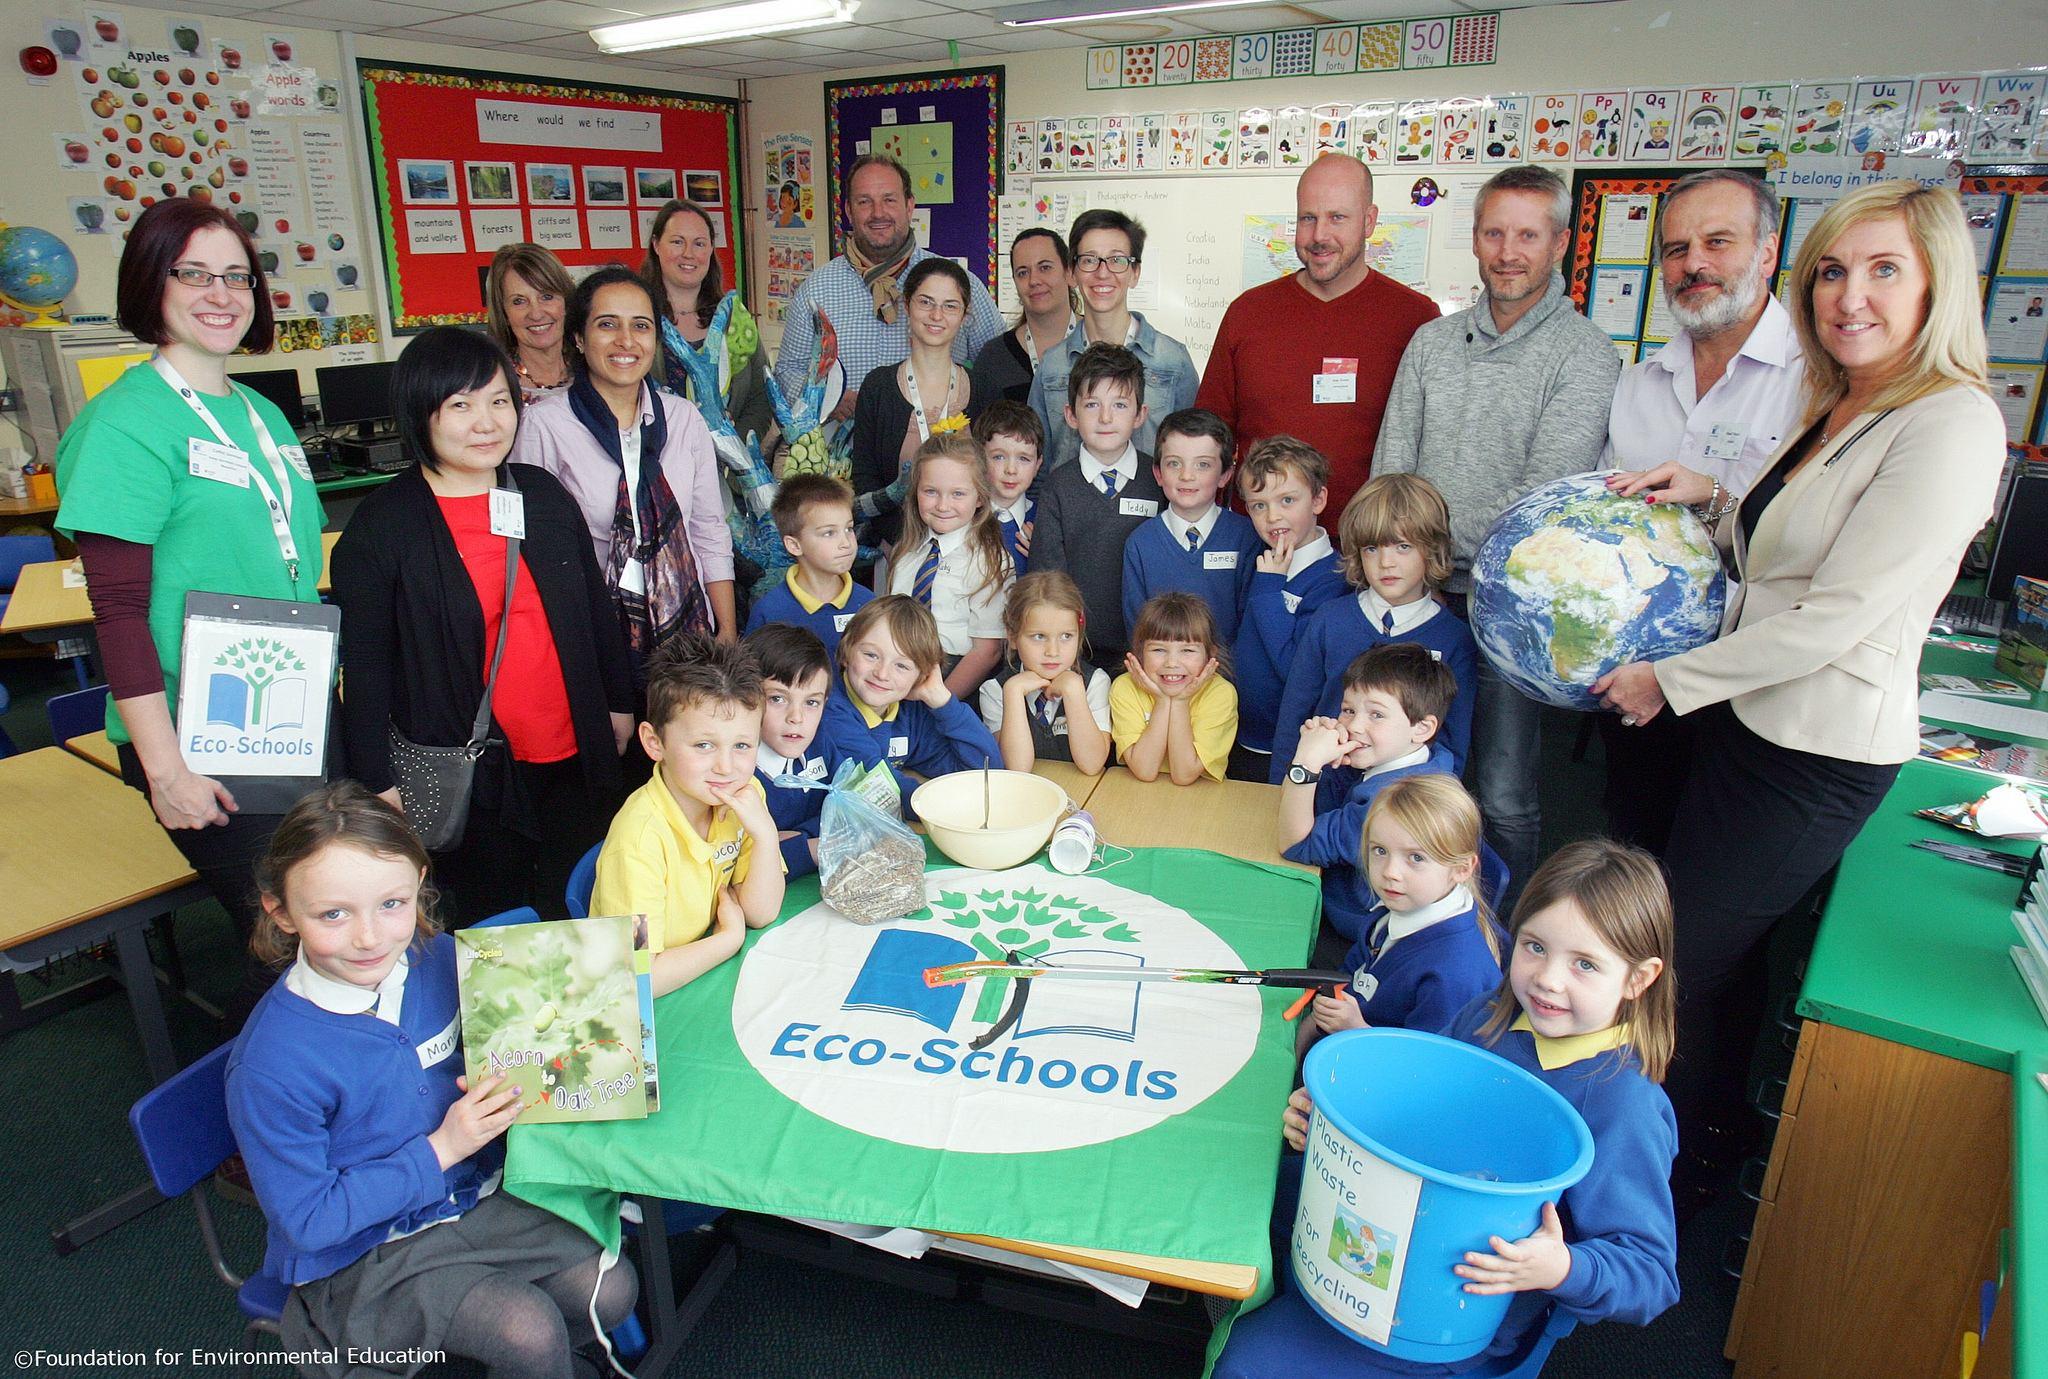 Eco-Schools International, Keep Northern Ireland Beautiful